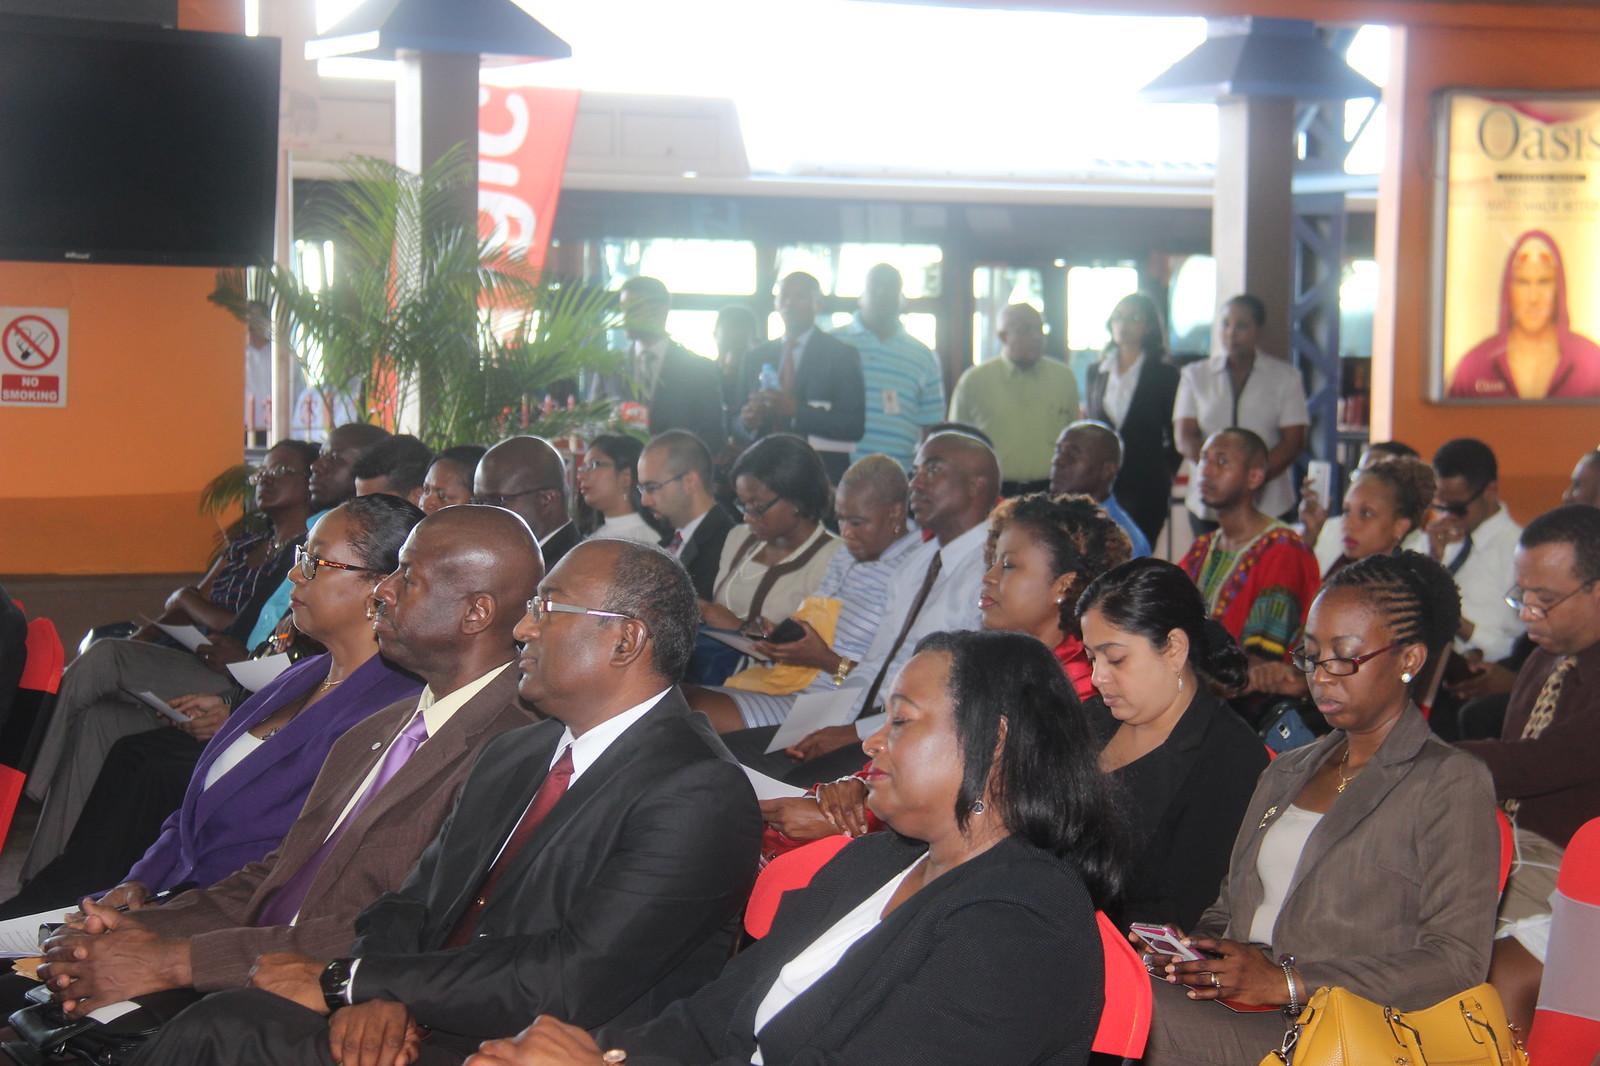 Launch of Free Public Wi-Fi Programme: TT Wi-Fi